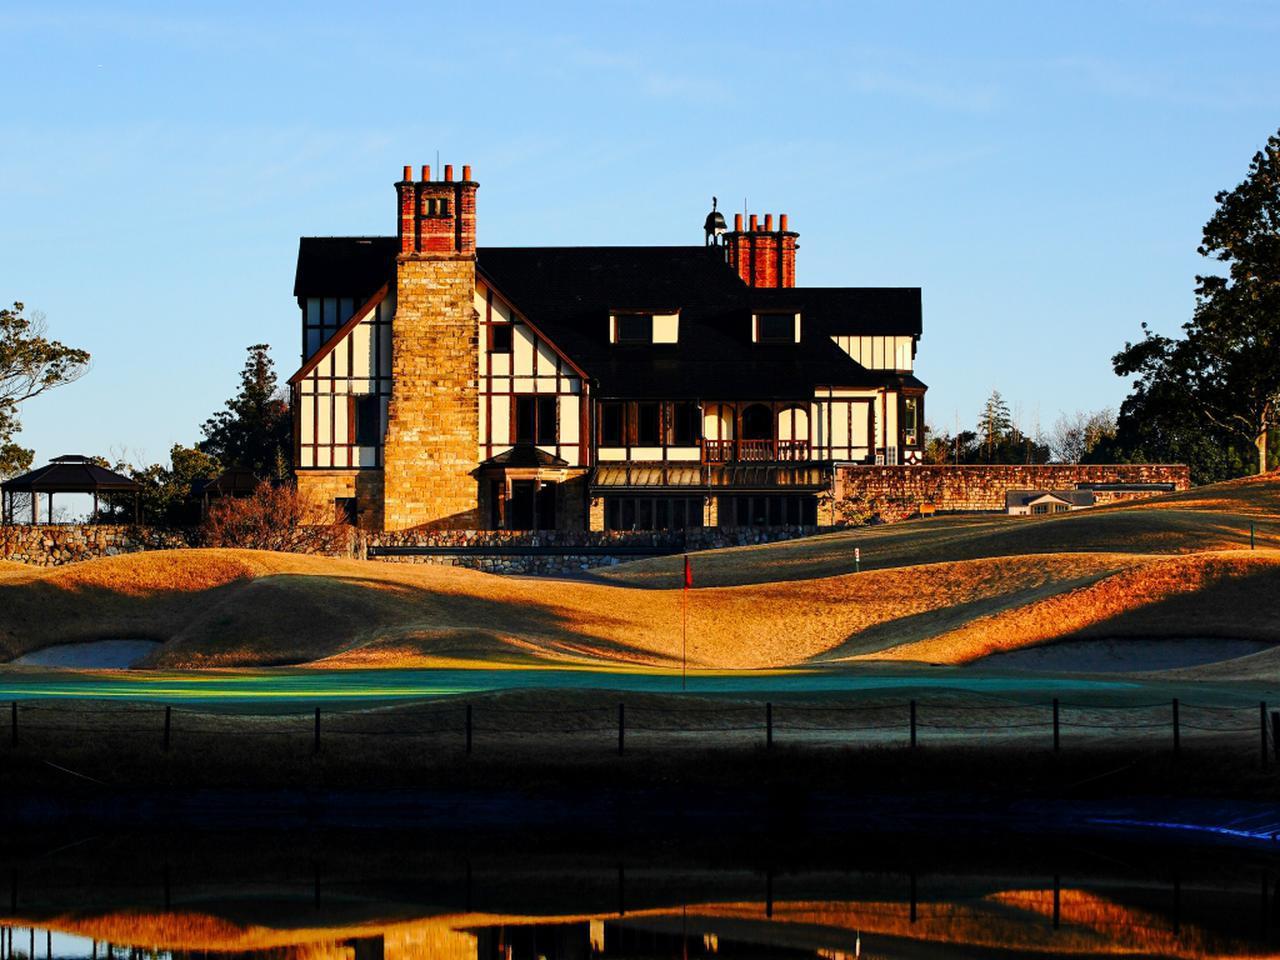 画像: アバイディングクラブのクラブハウス。イギリスからアンティークの建物をそのまま移築している